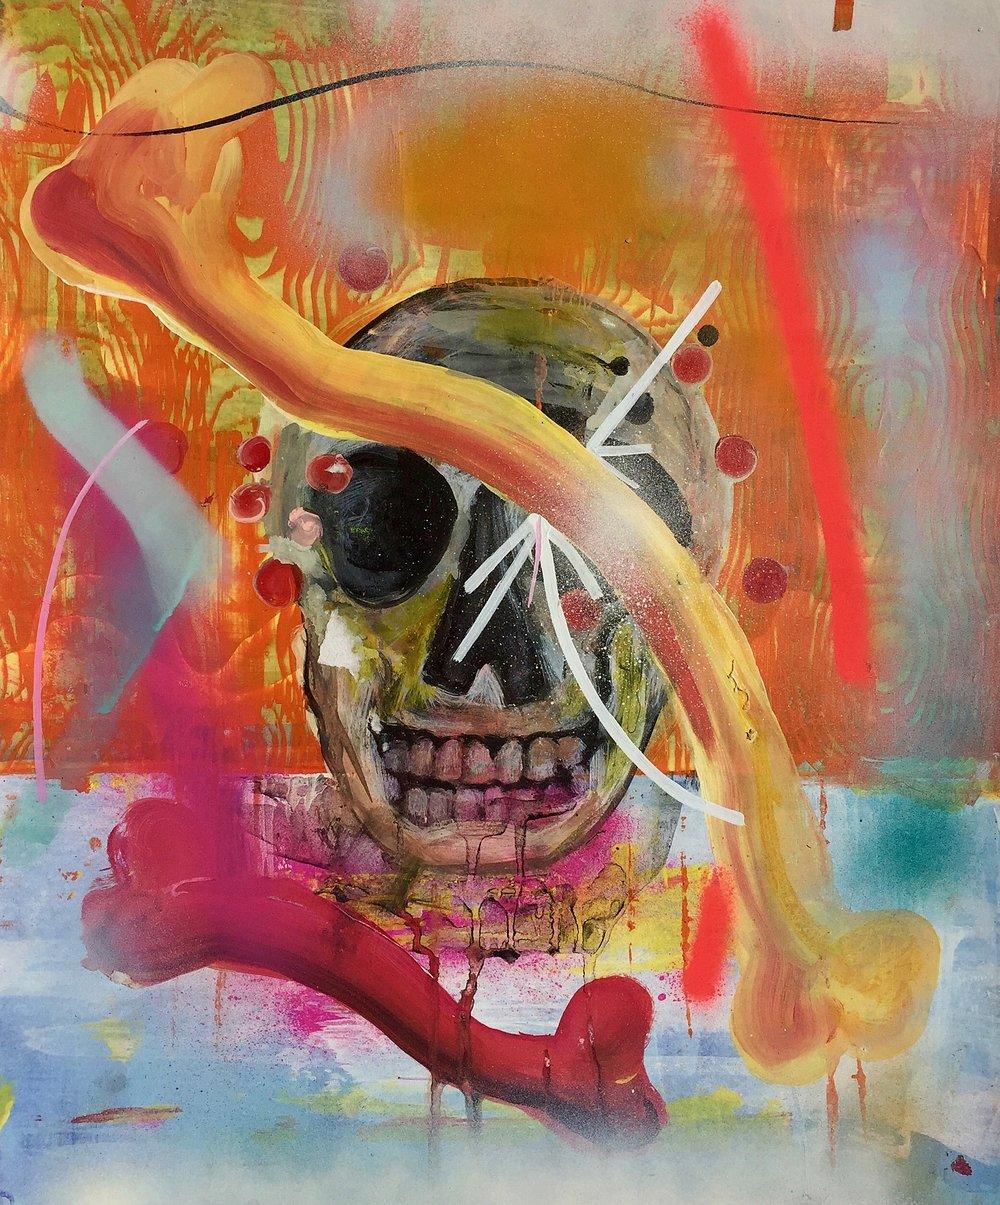 Skull & Bones     Mixed media on paper  2007  14 x 17 In  $3,000.00